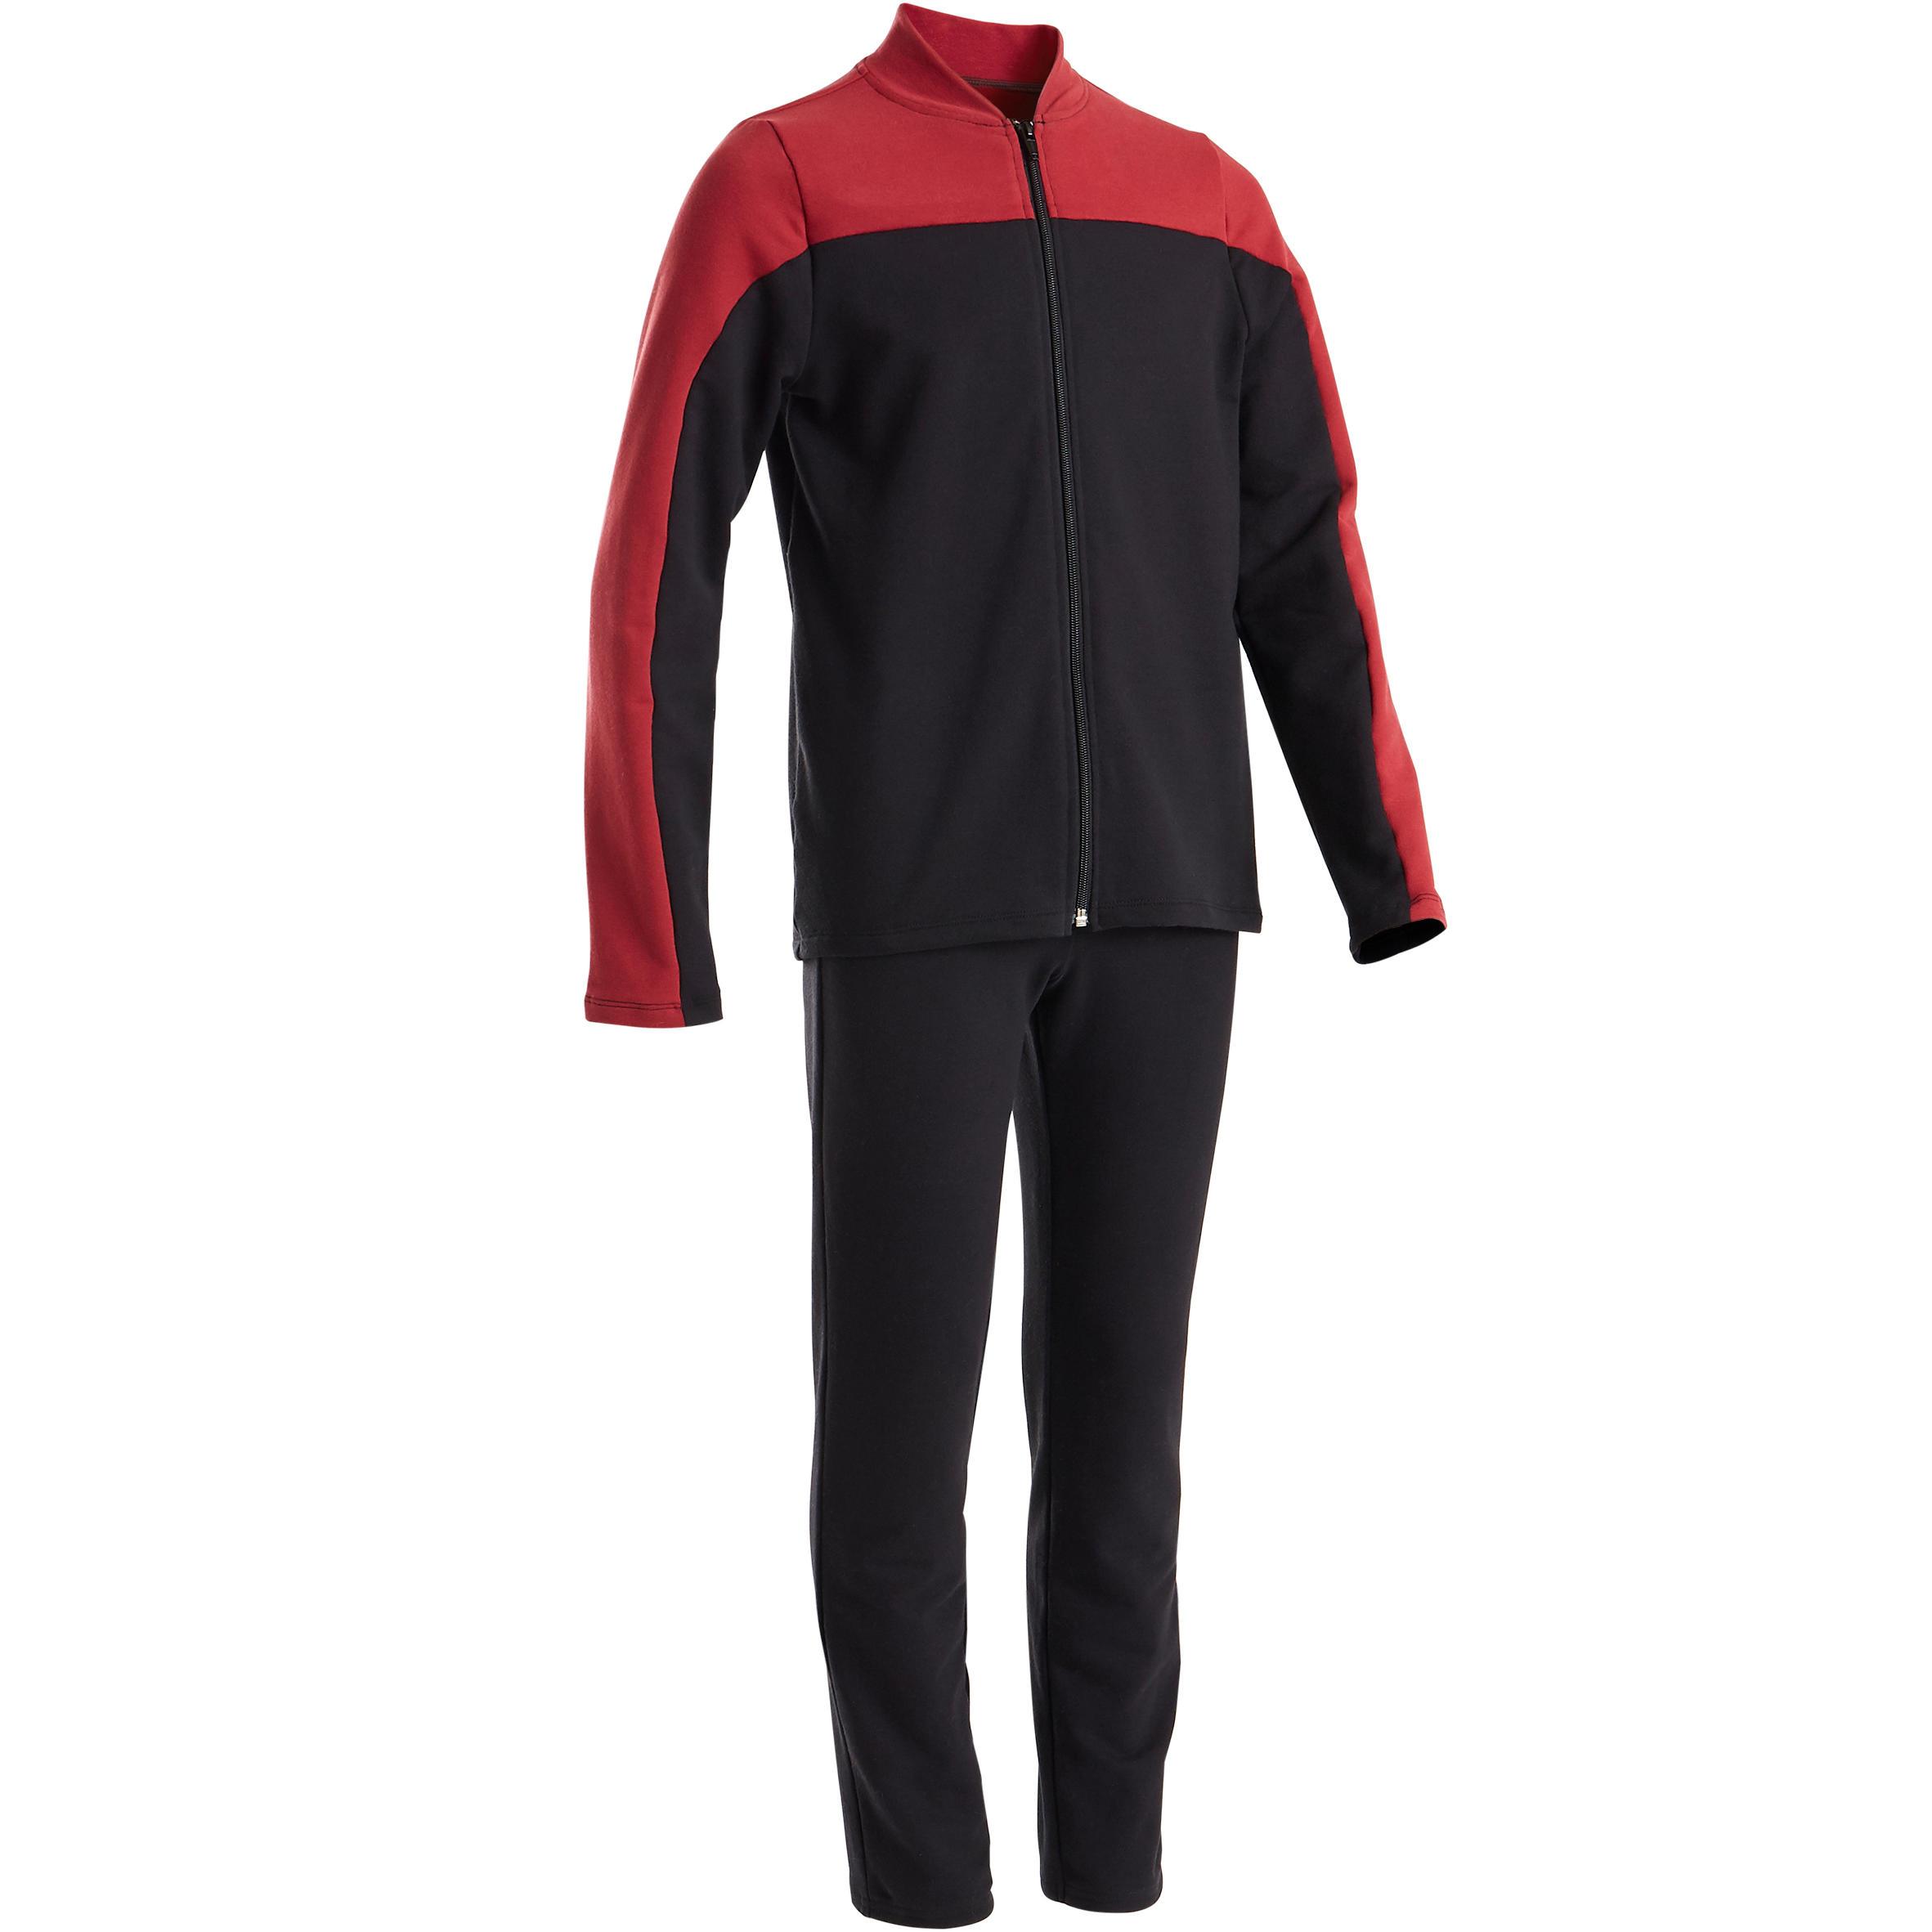 paquet à la mode et attrayant nouveaux prix plus bas baskets pour pas cher Survêtement et jogging pour enfant | Decathlon